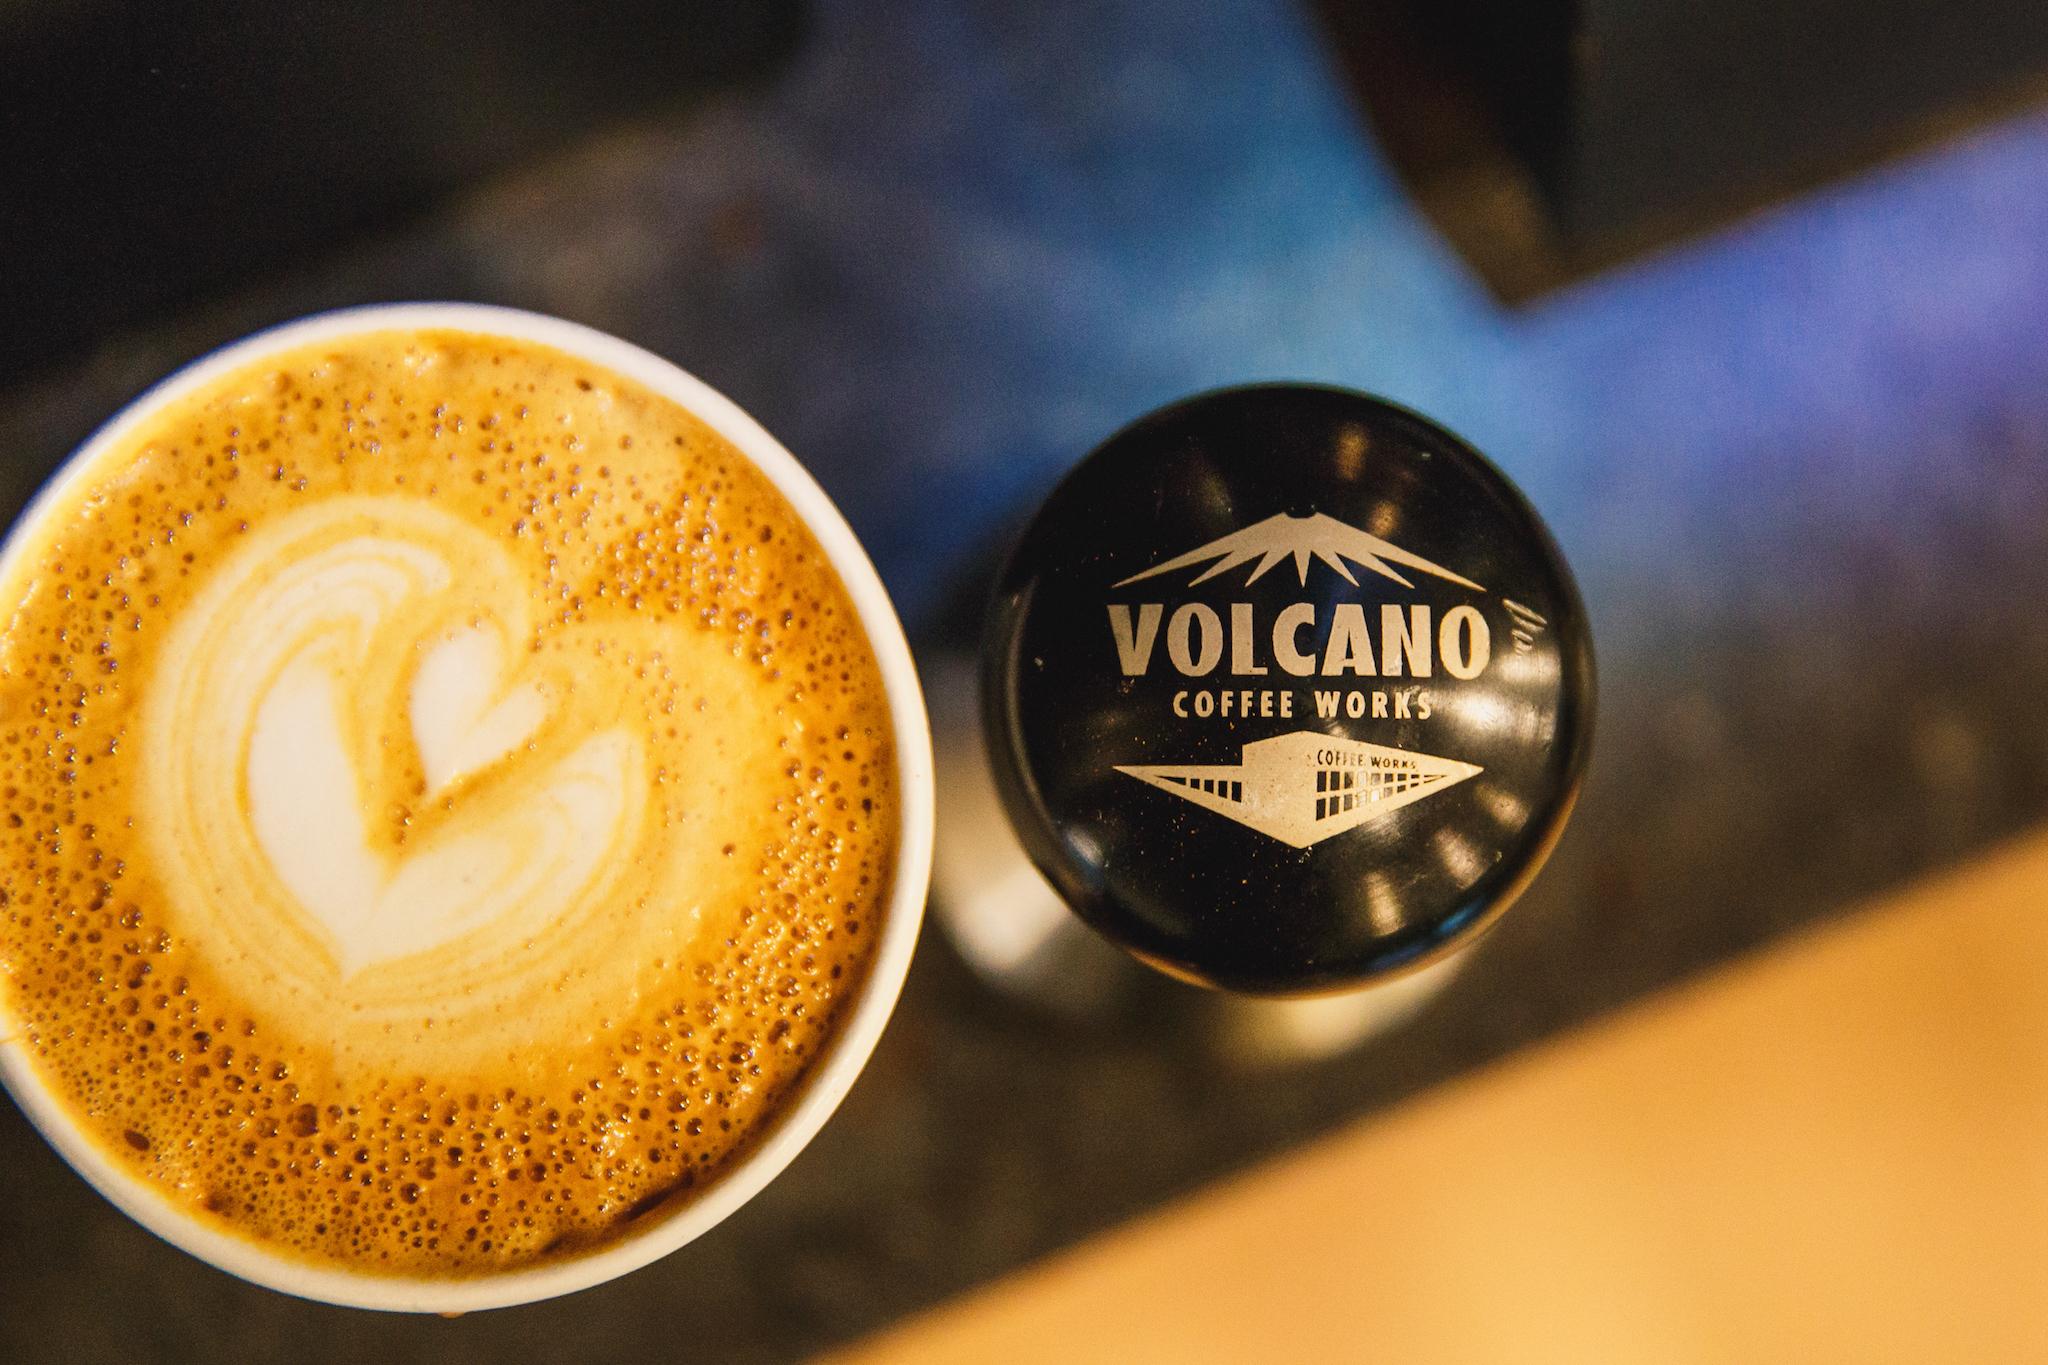 Two Coffee-Loving Friends Lead London's Bean Scene2